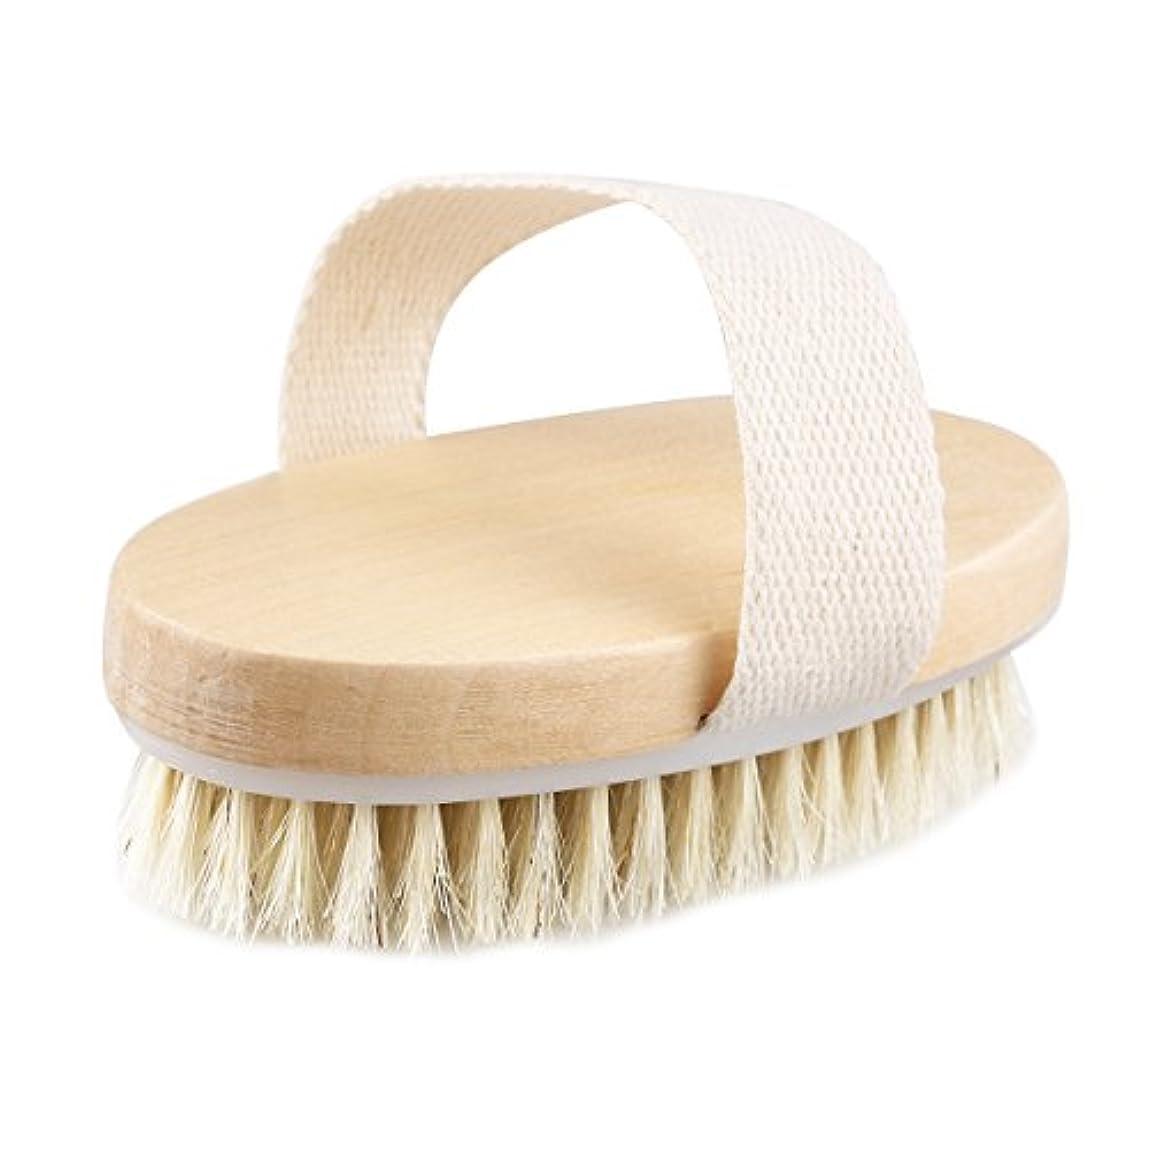 残酷な気づかない医師TOPBATHY 木の浴室のシャワーの剛毛のブラシのハンドルなしのボディブラシ